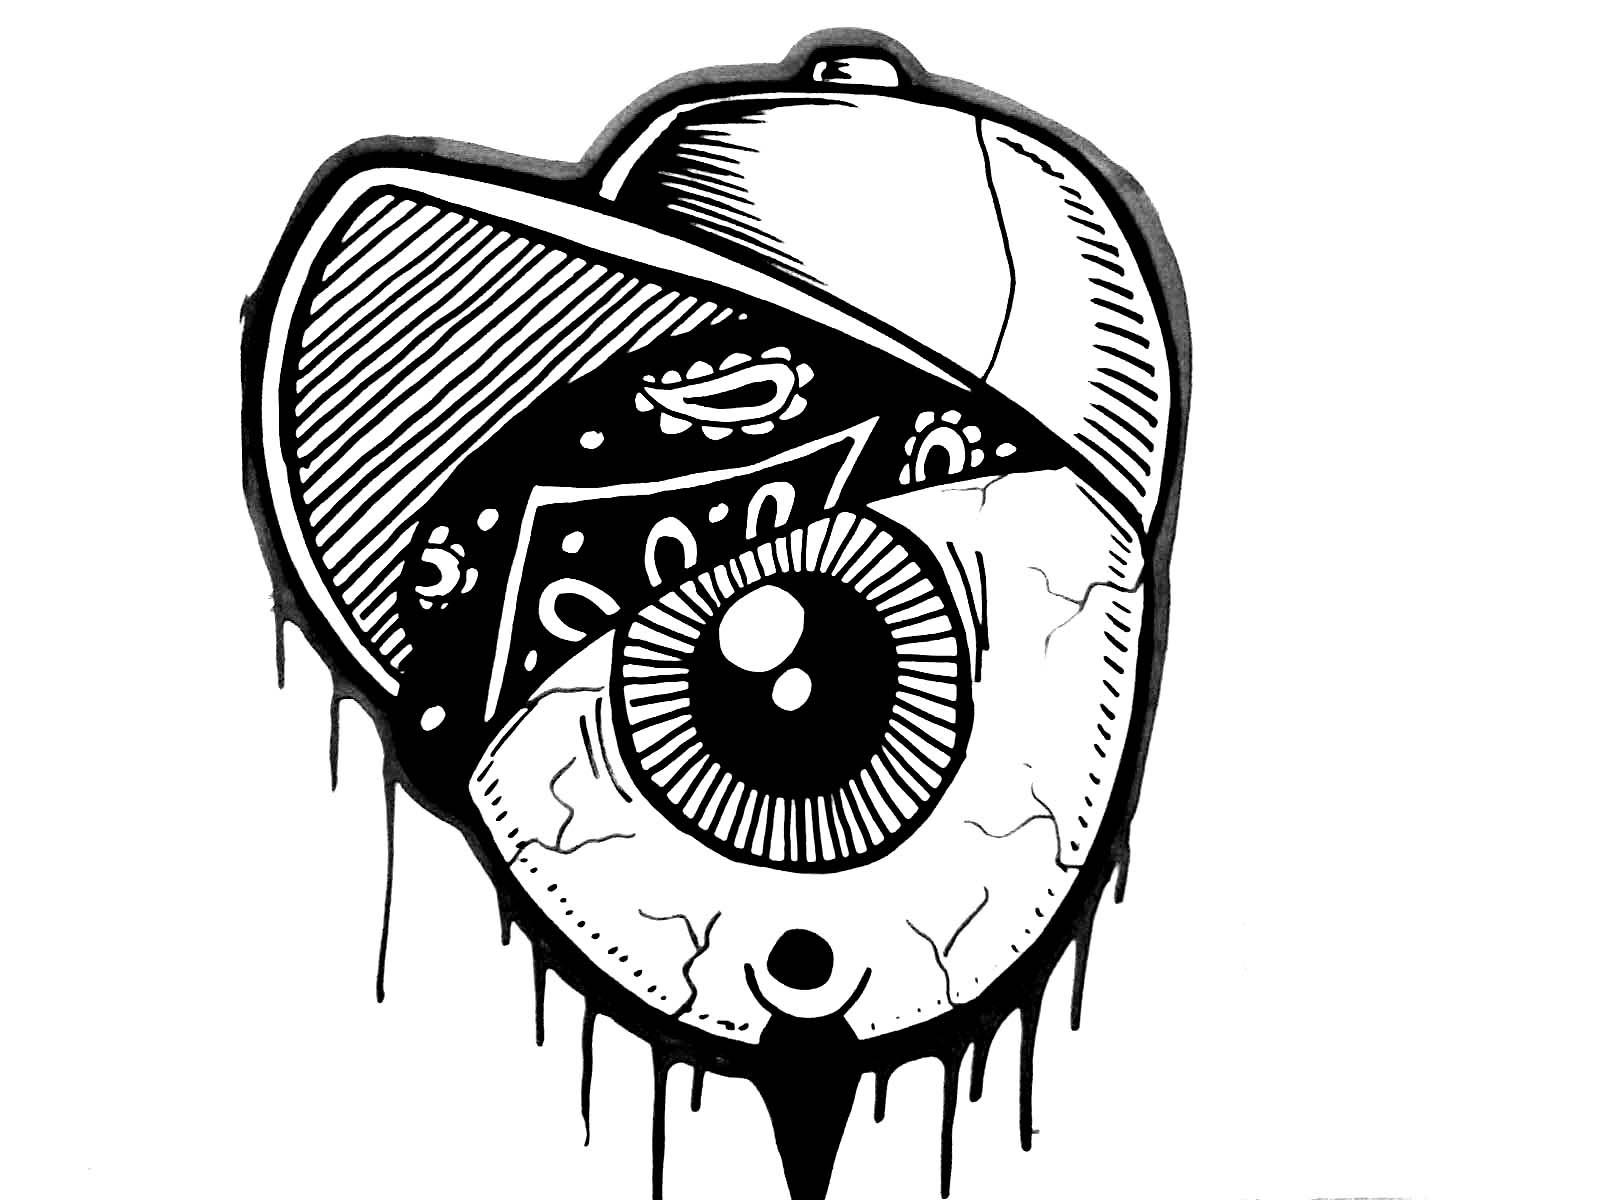 1600x1200 Graffiti Eyes Drawings